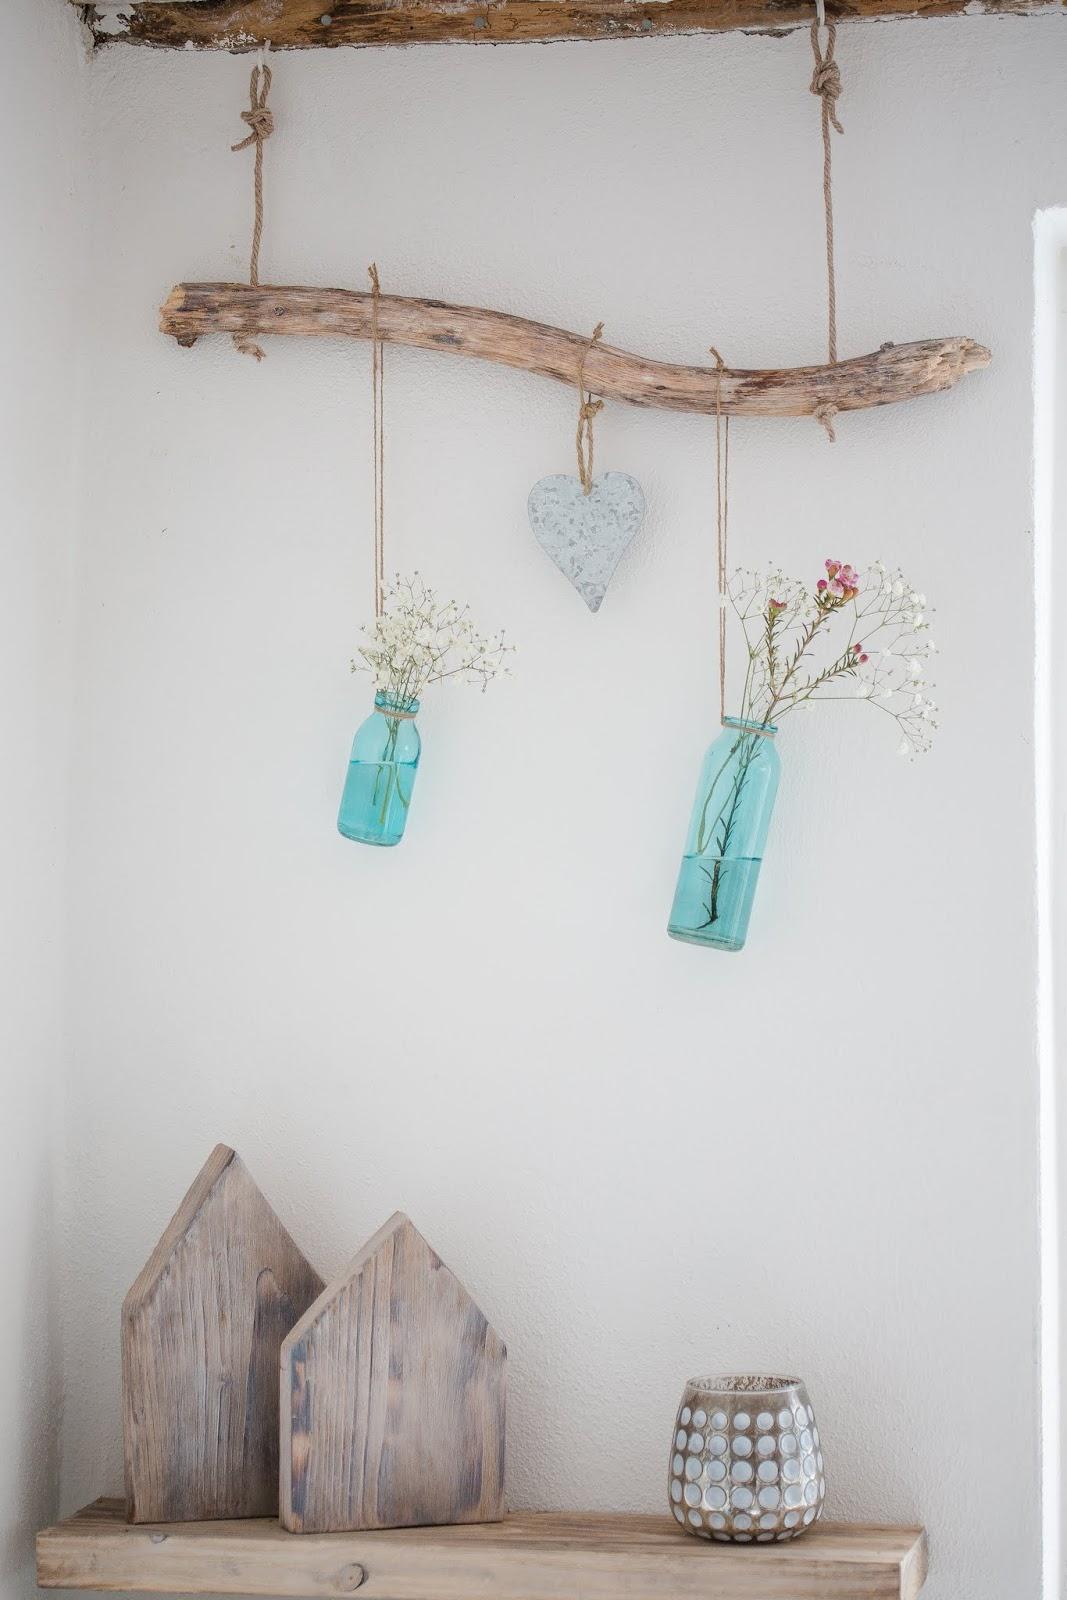 Deko Ast Zum Aufhängen rums mit frühjahrsdeko oder deko hänger diy pomponetti